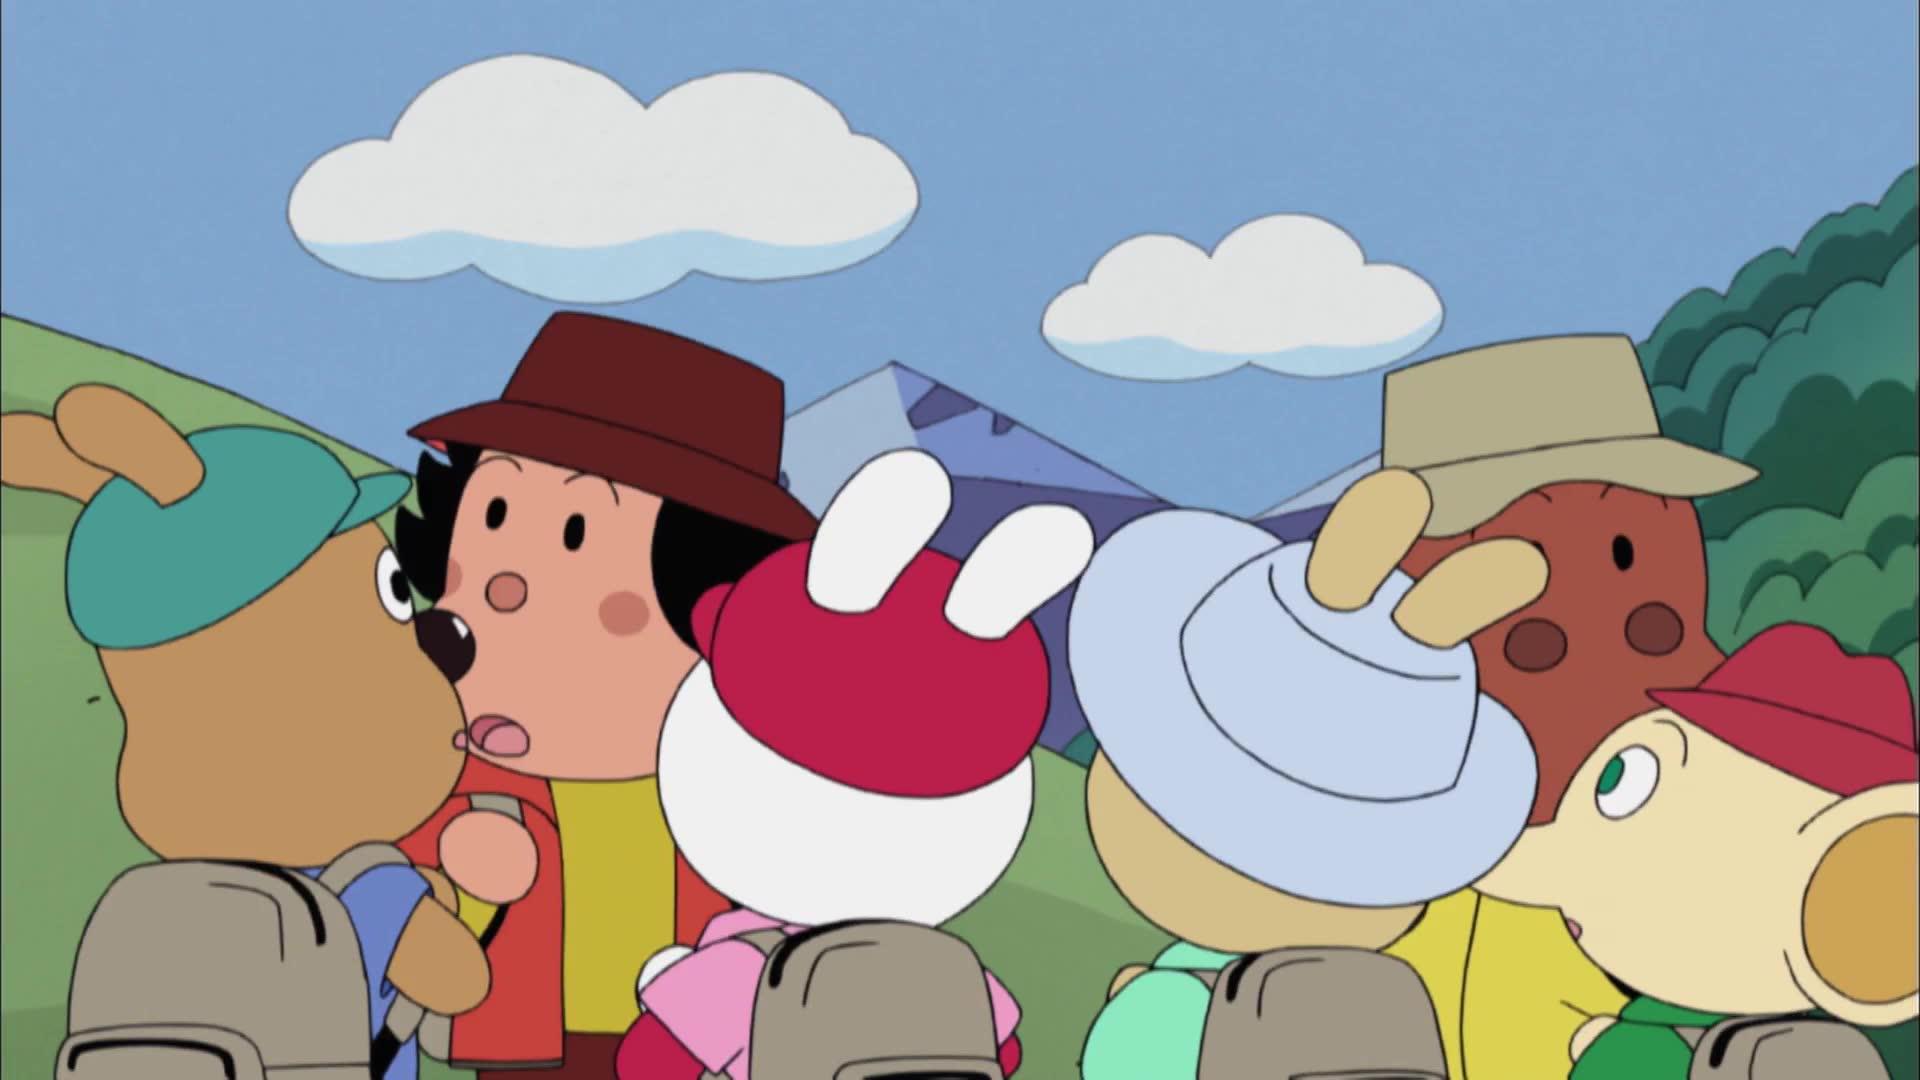 11화 버터누나와 몽블랑아저씨